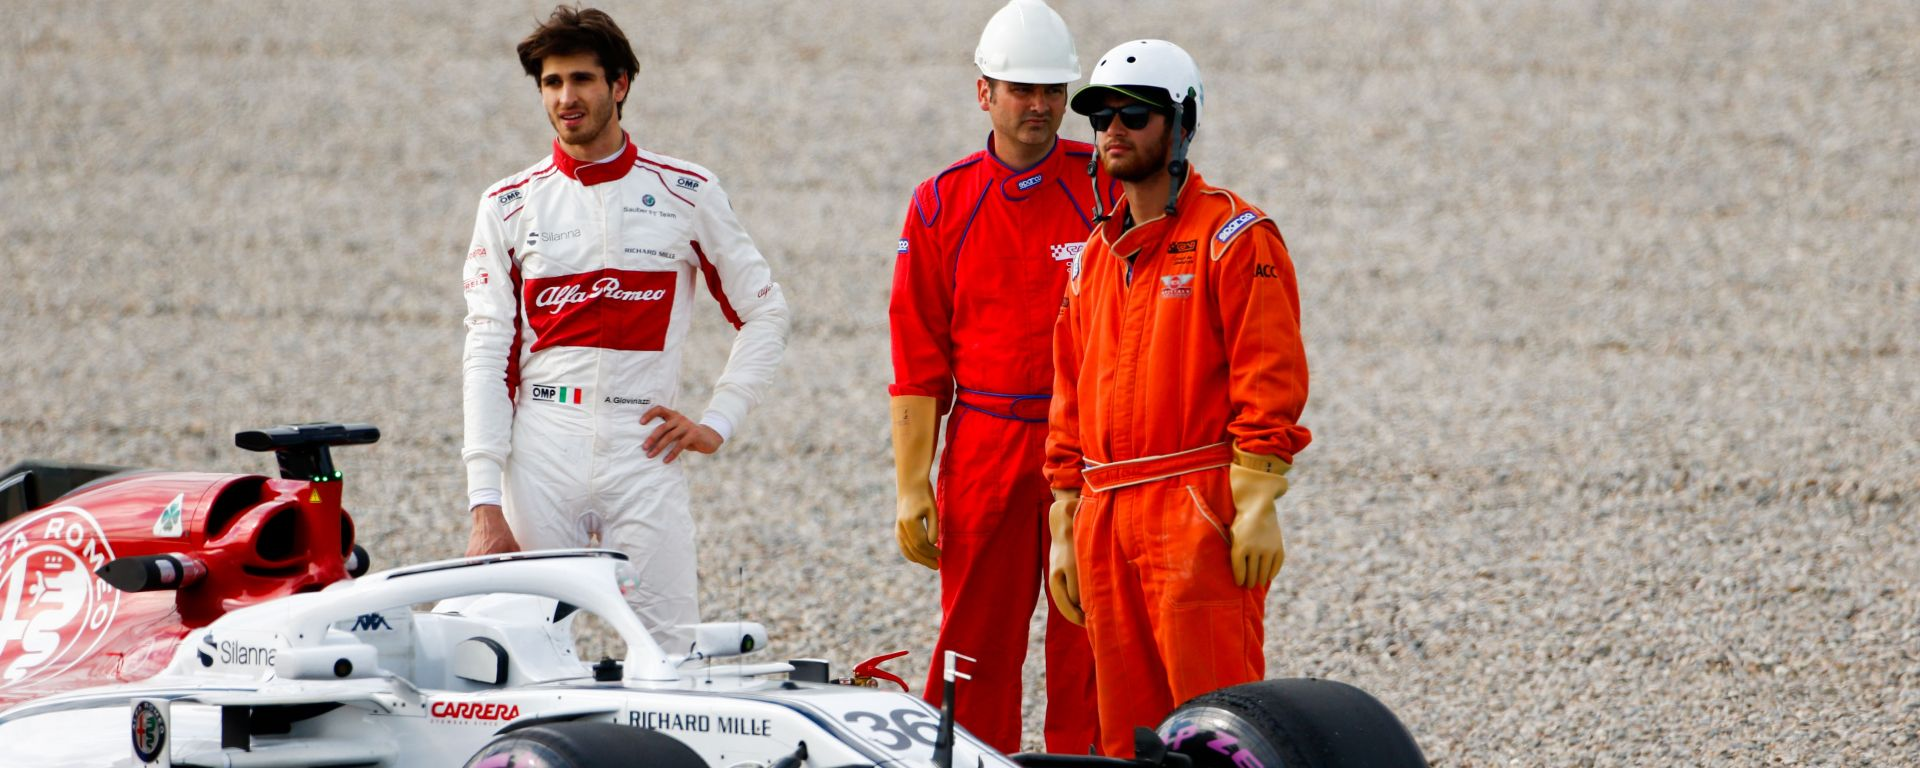 Nei test, Giovinazzi fermo con l'Alfa Romeo. Oggi tocca alla Ferrari